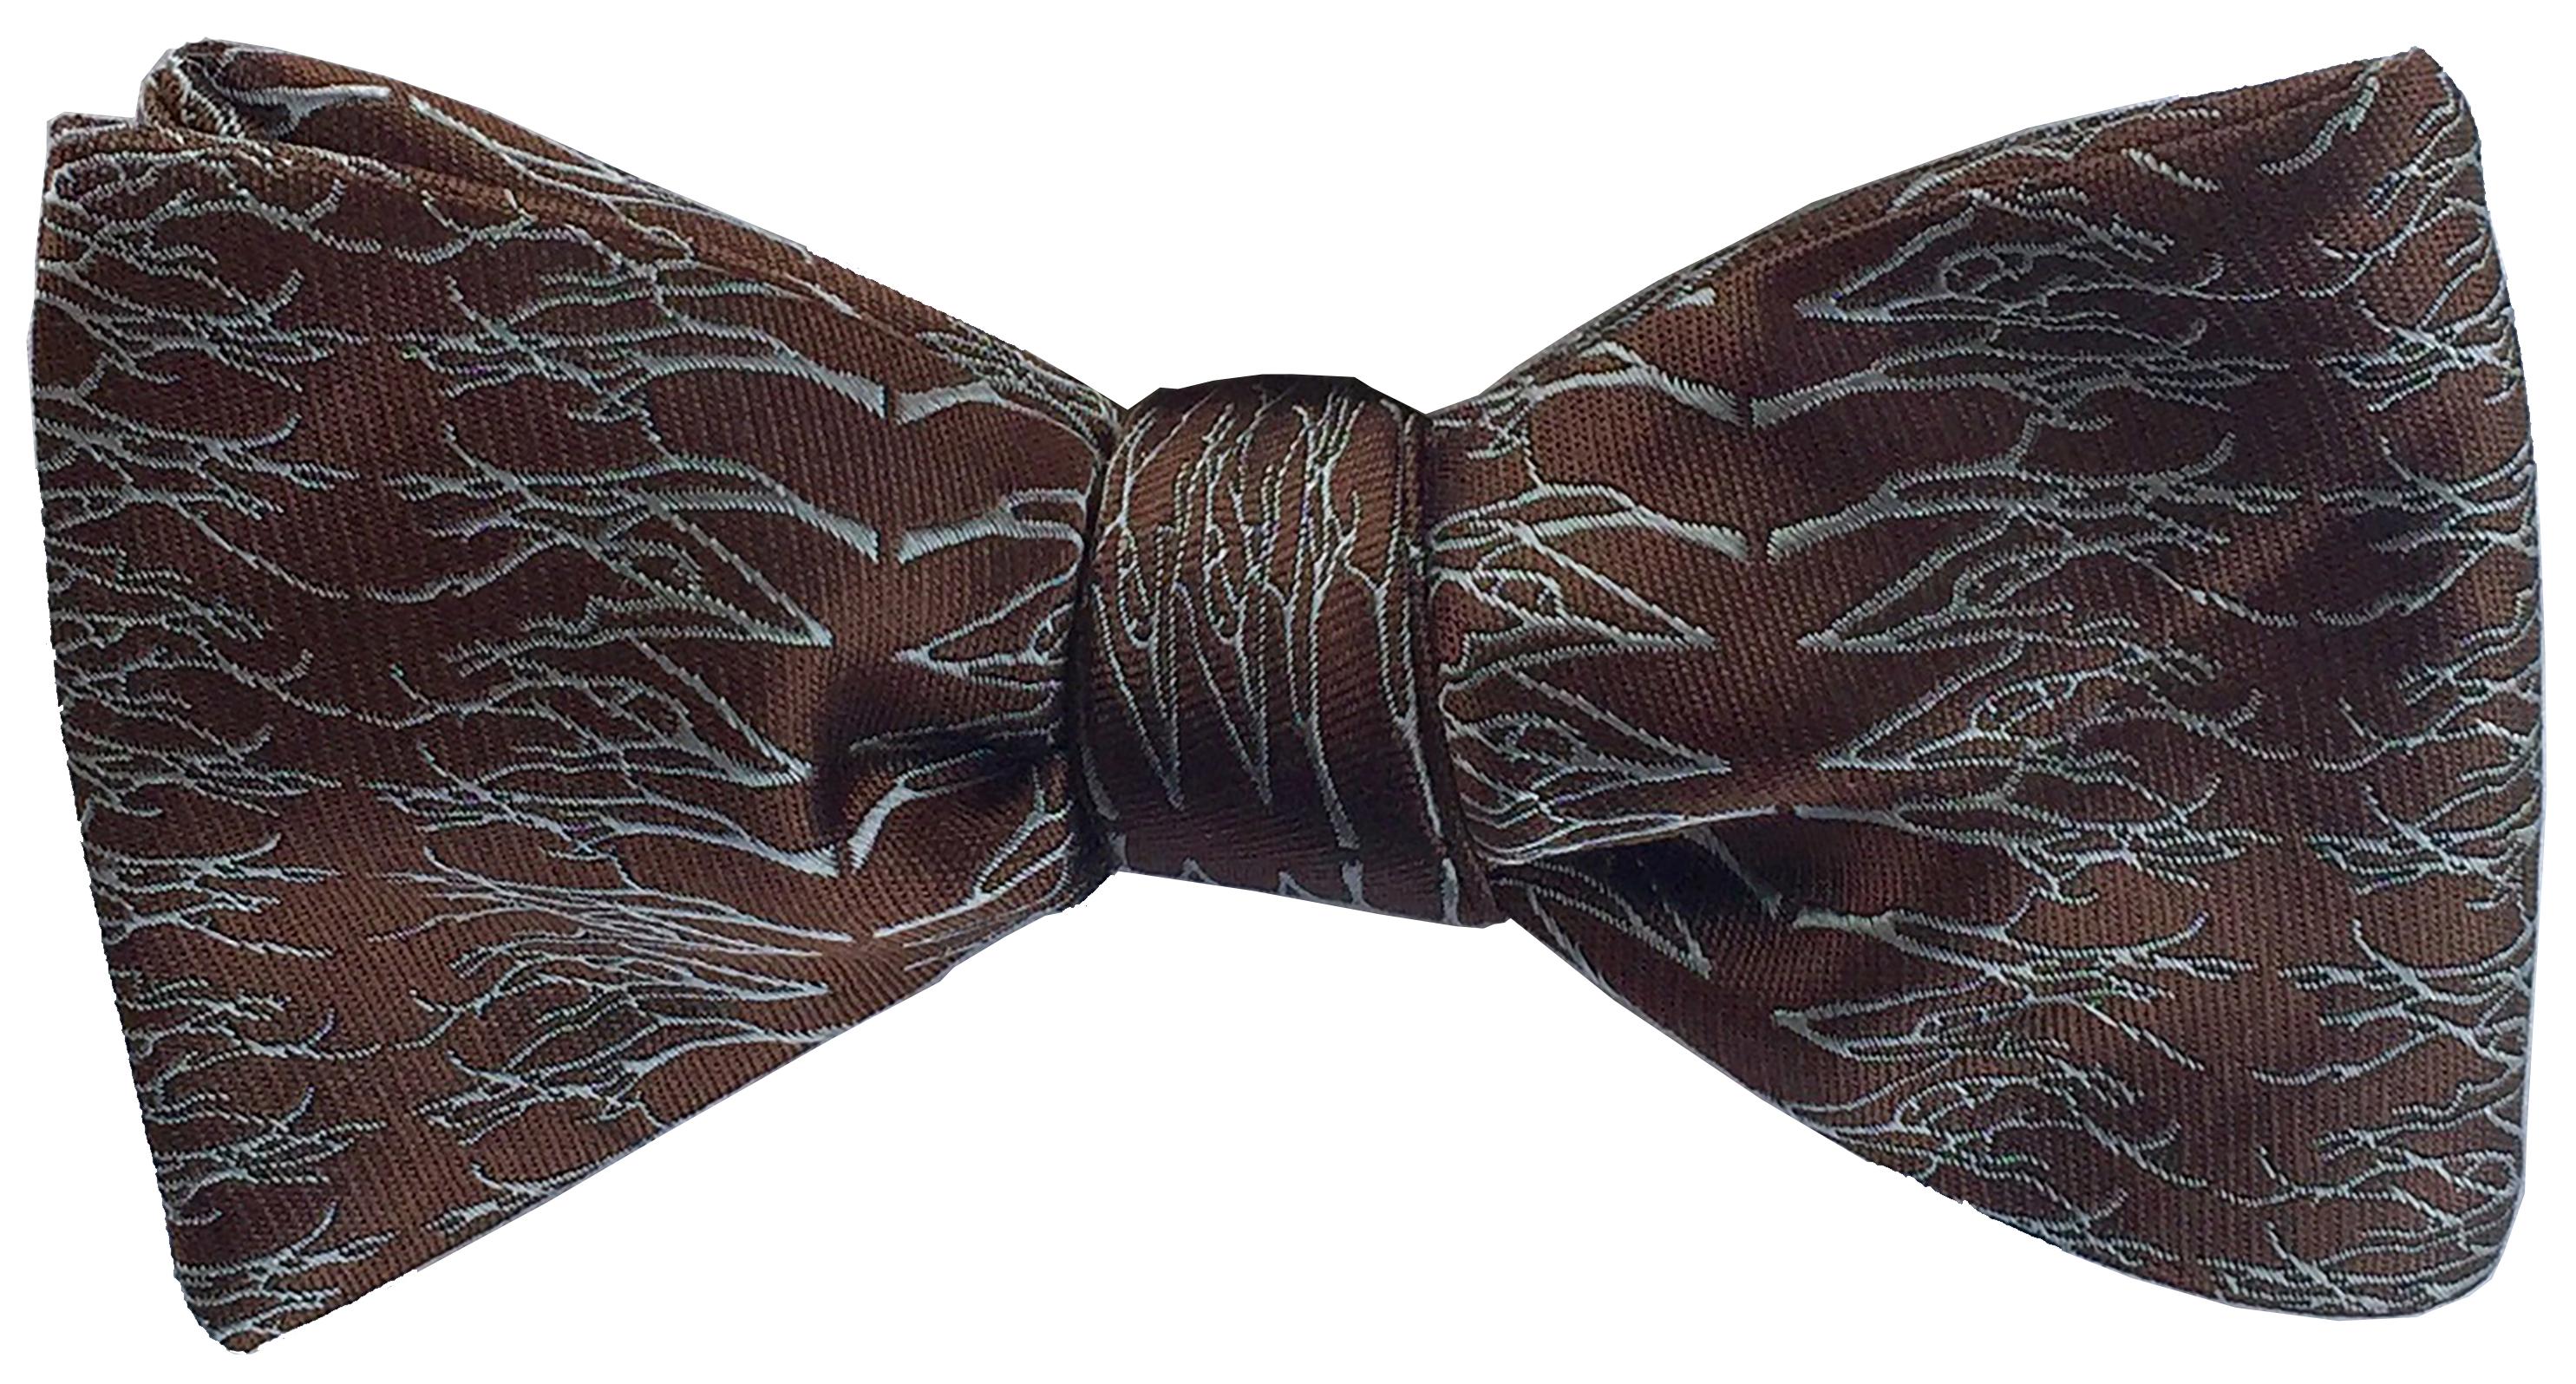 Winter Twig bow tie in espresso